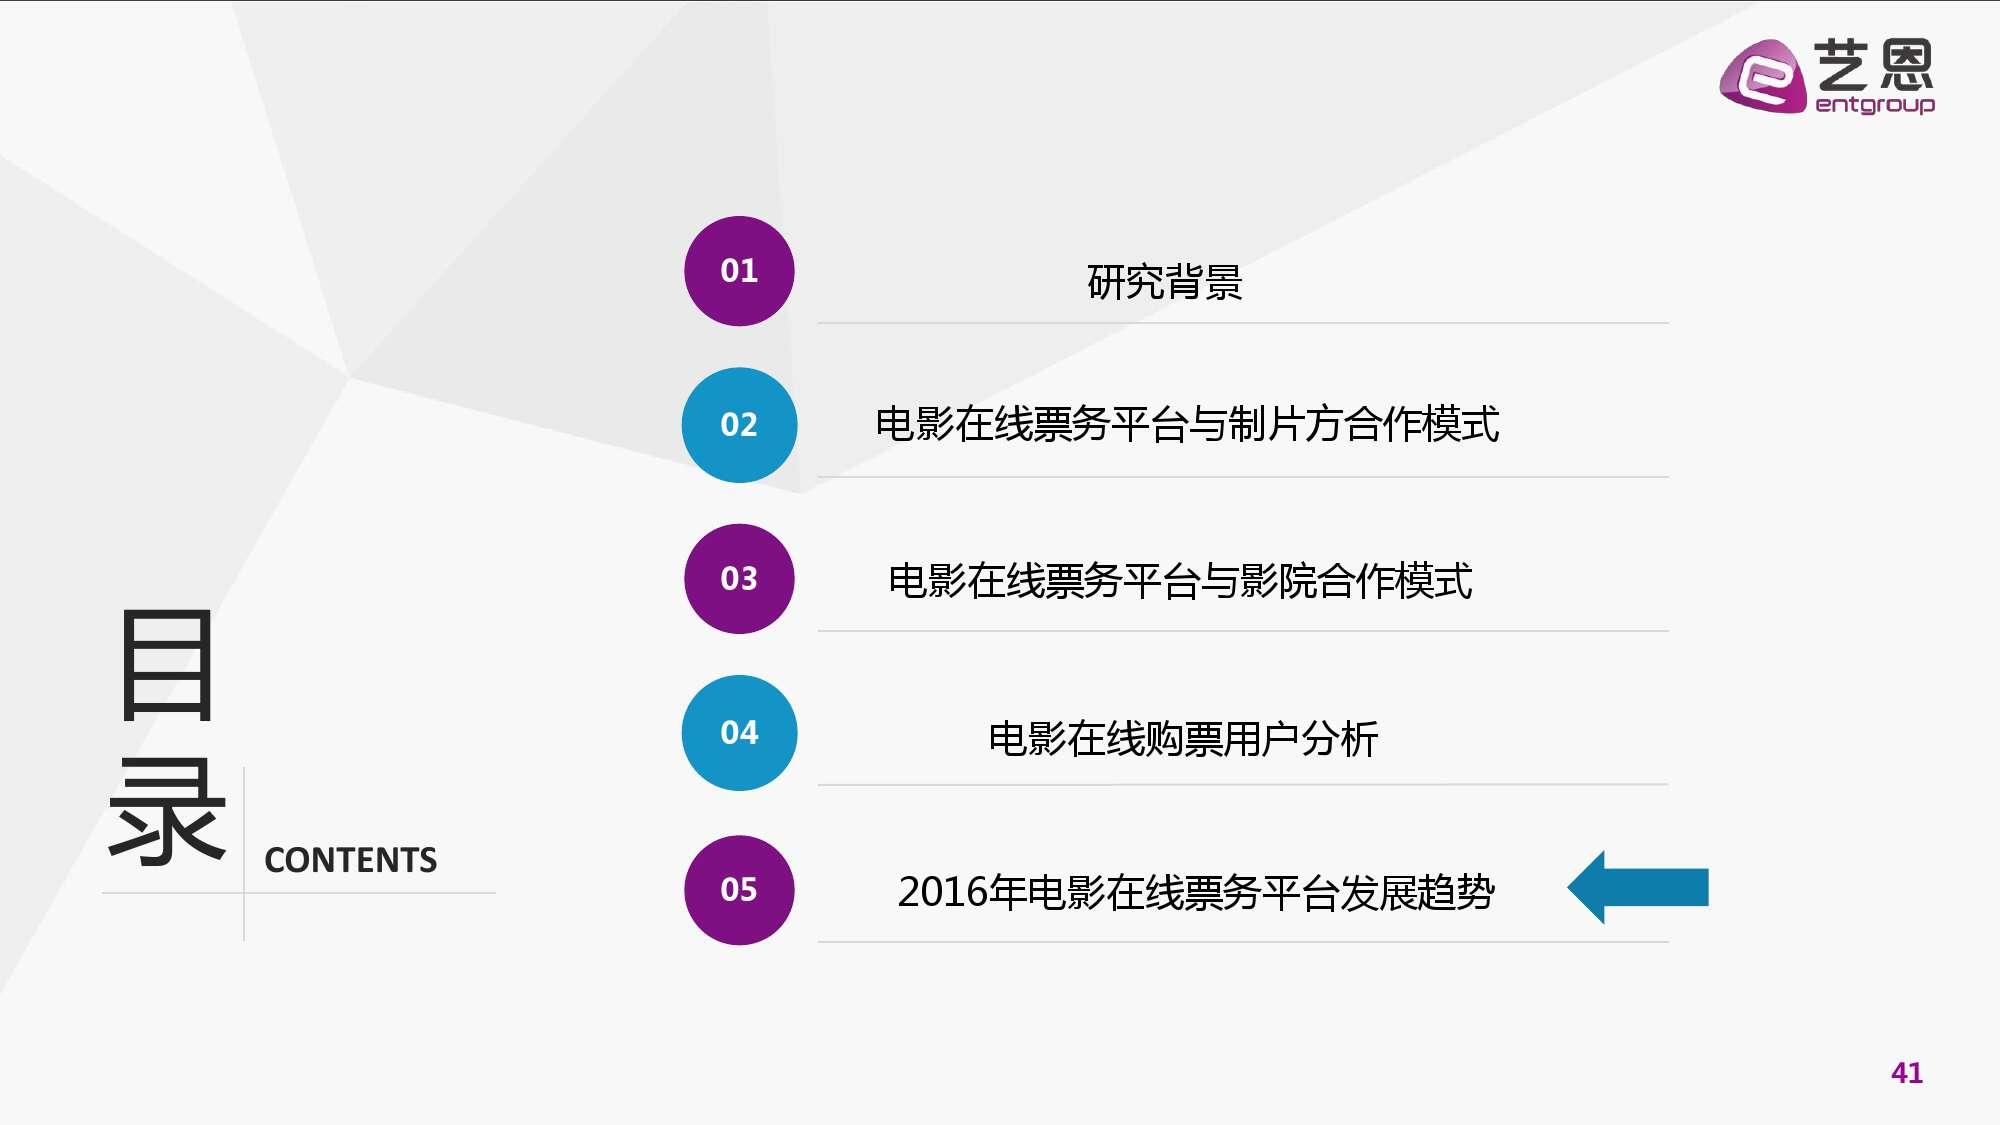 2016年中国电影在线票务市场研究报告_000041